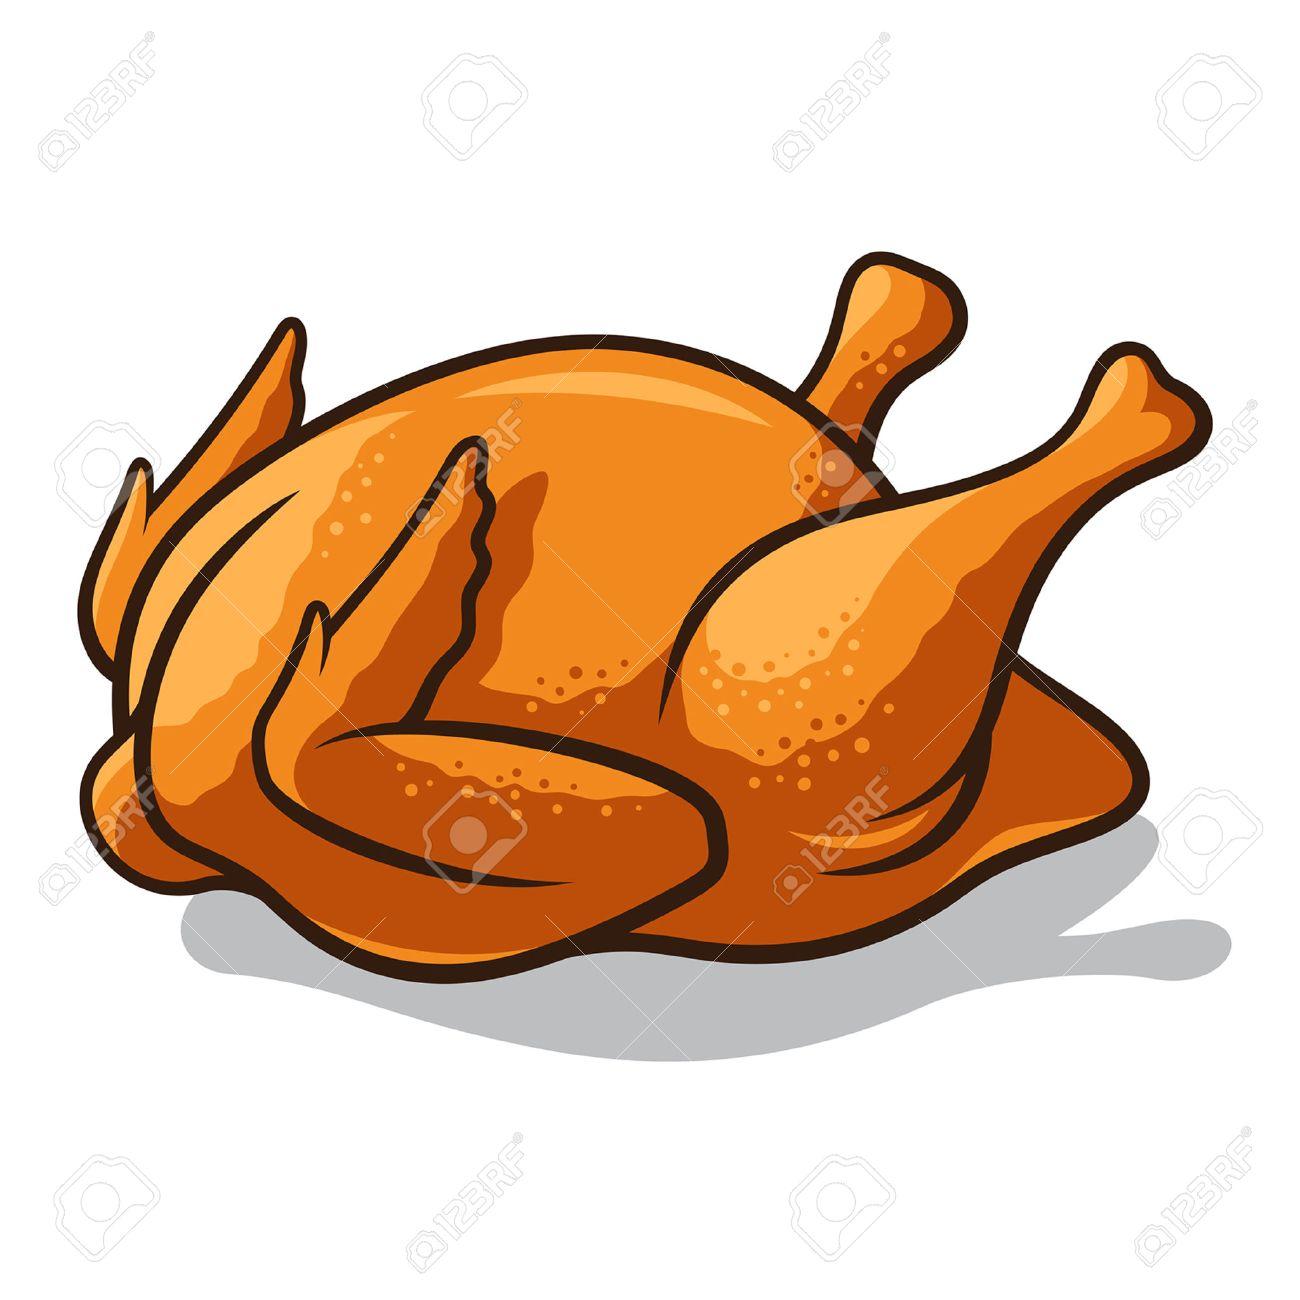 Chicken clipart roasted chicken. Roast portal